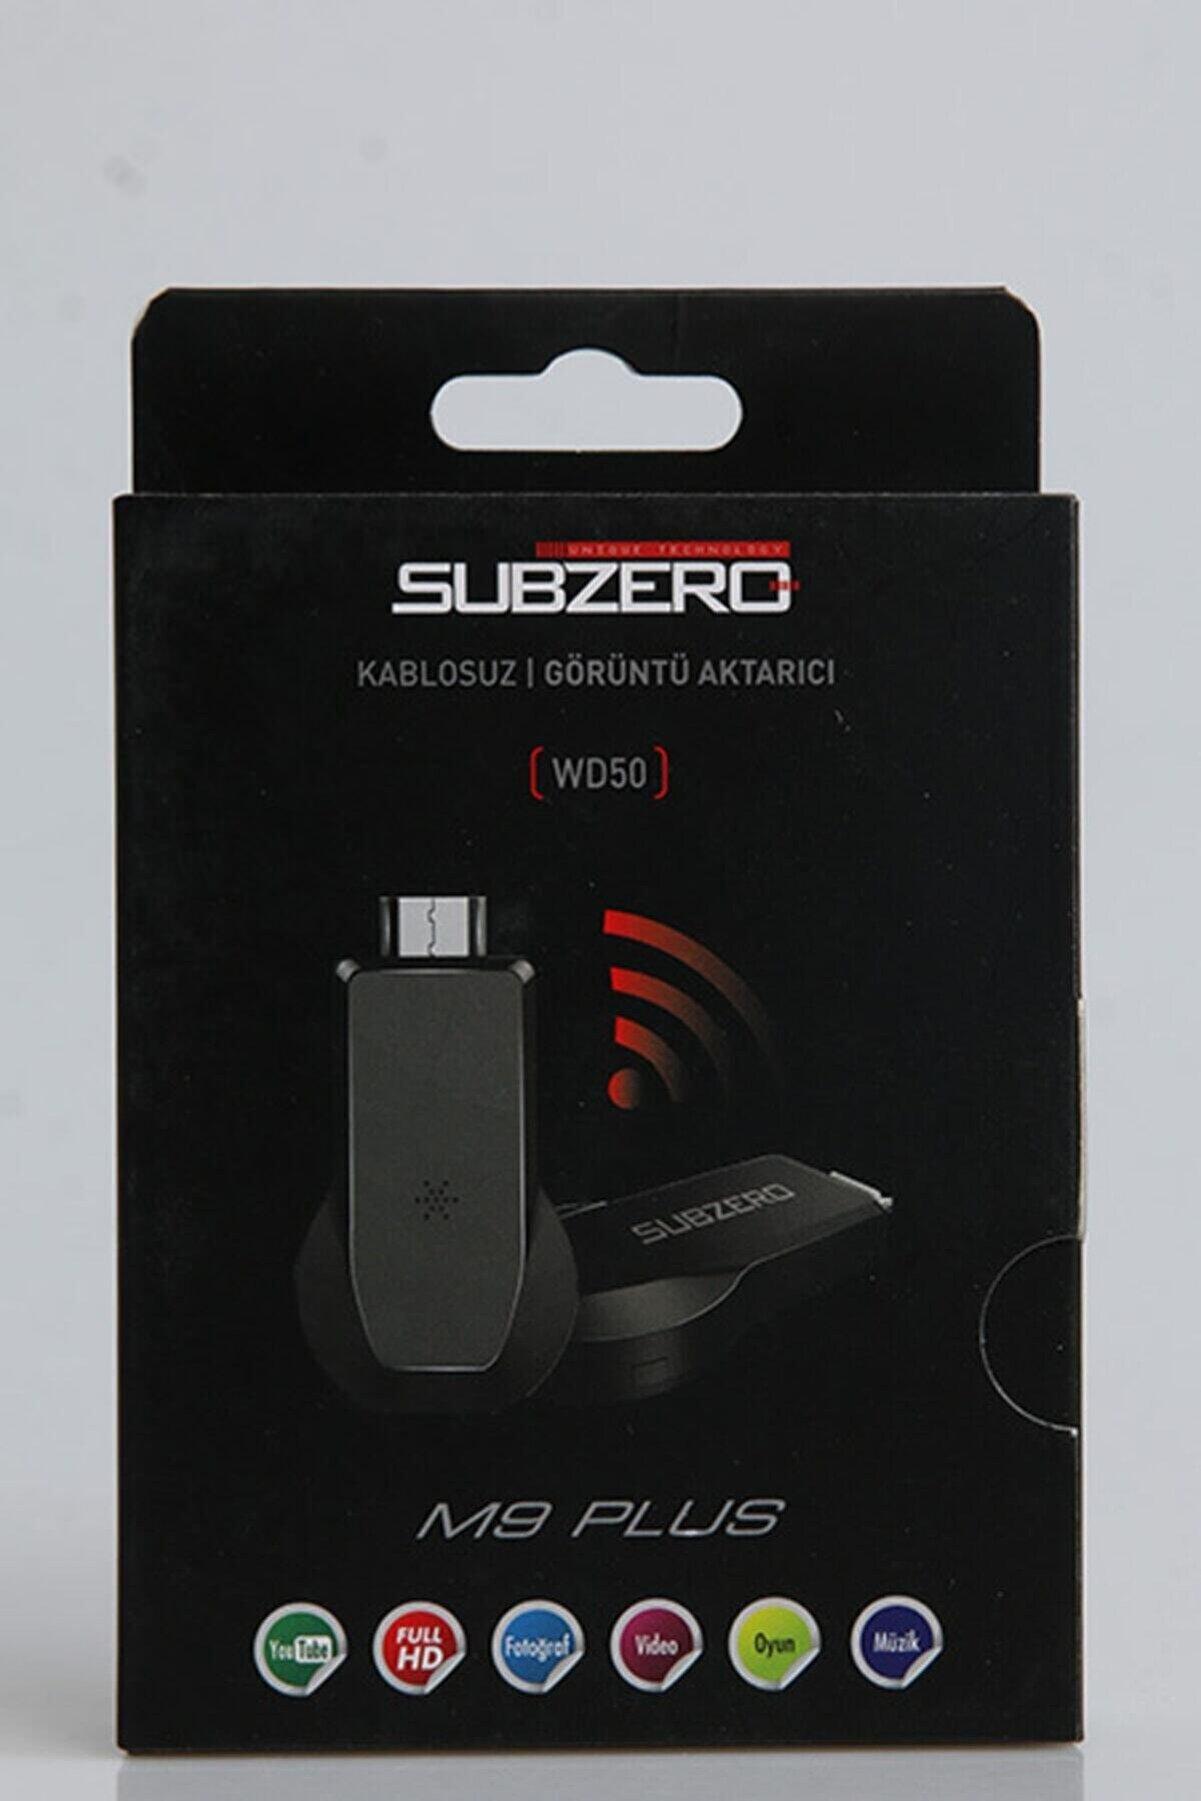 Subzero Kablosuz Görüntü Aktarıcı